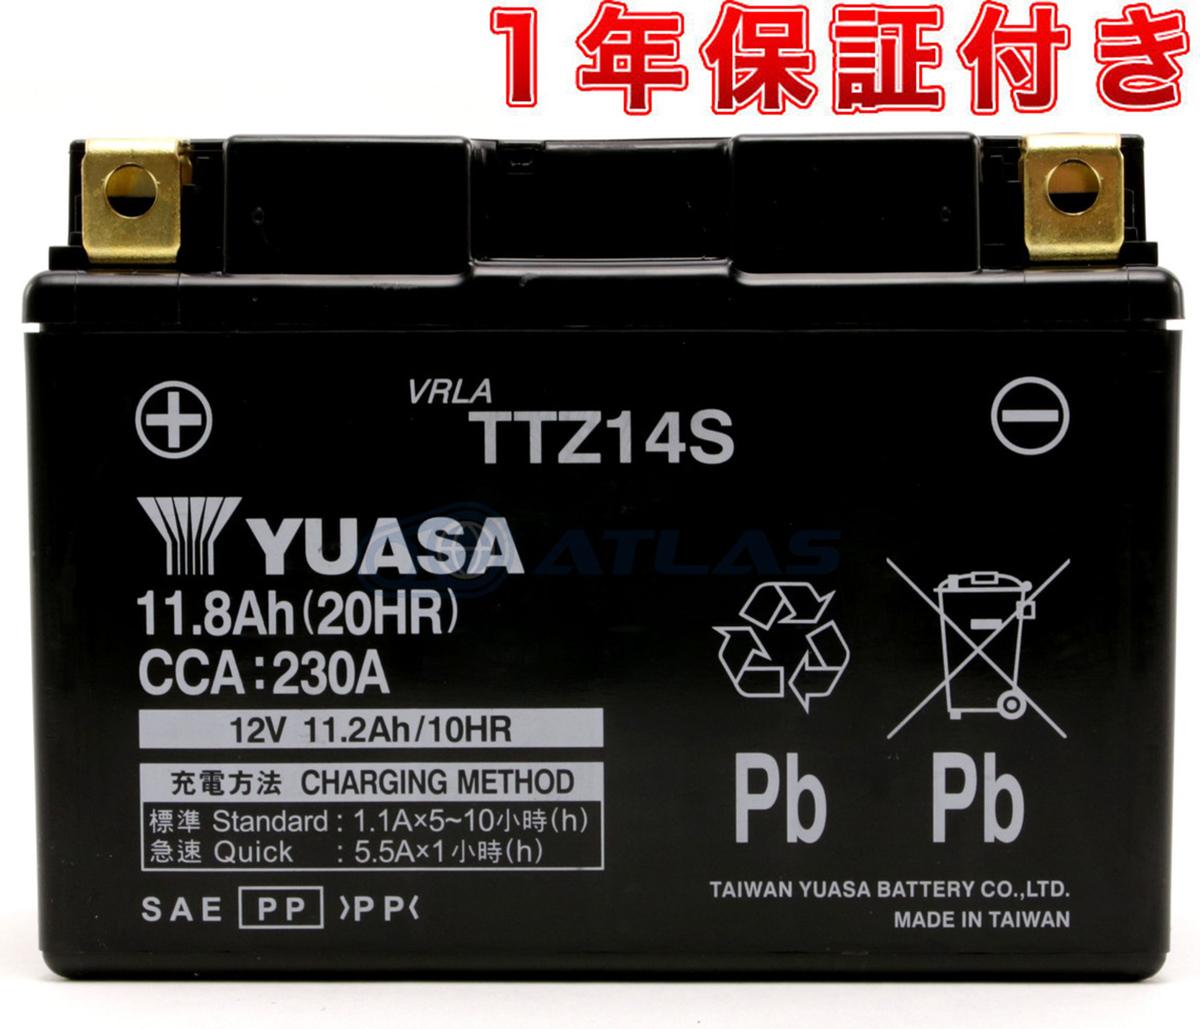 コスパ最強台湾ユアサバッテリー 35%OFF LINE友だちクーポン発行中 バイク バッテリー台湾YUASA TTZ14S 液入り充電済み 1年保証付き GTZ14S YTZ14S DTZ14S FTZ14S 激安通販専門店 互換